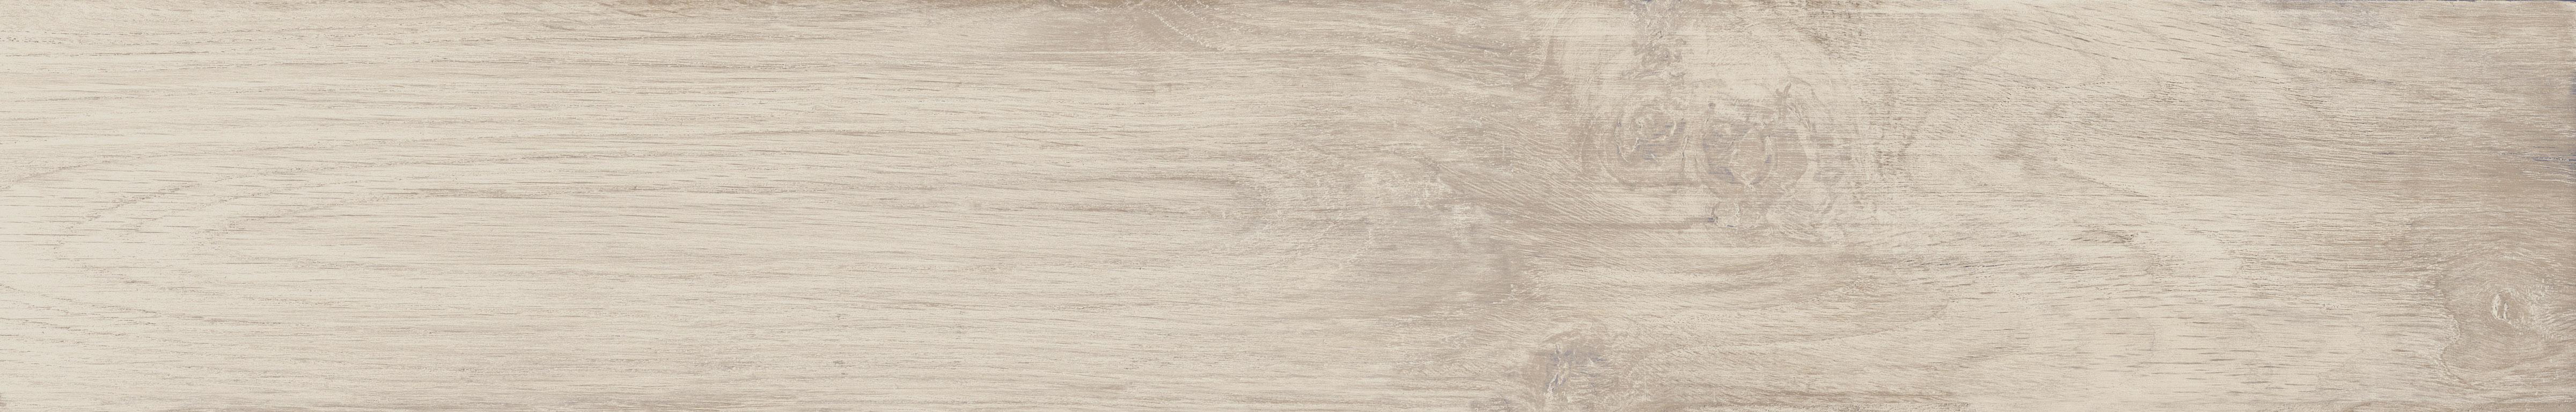 Плитка Allwood Bianco (zzxwu1r) изображение 6